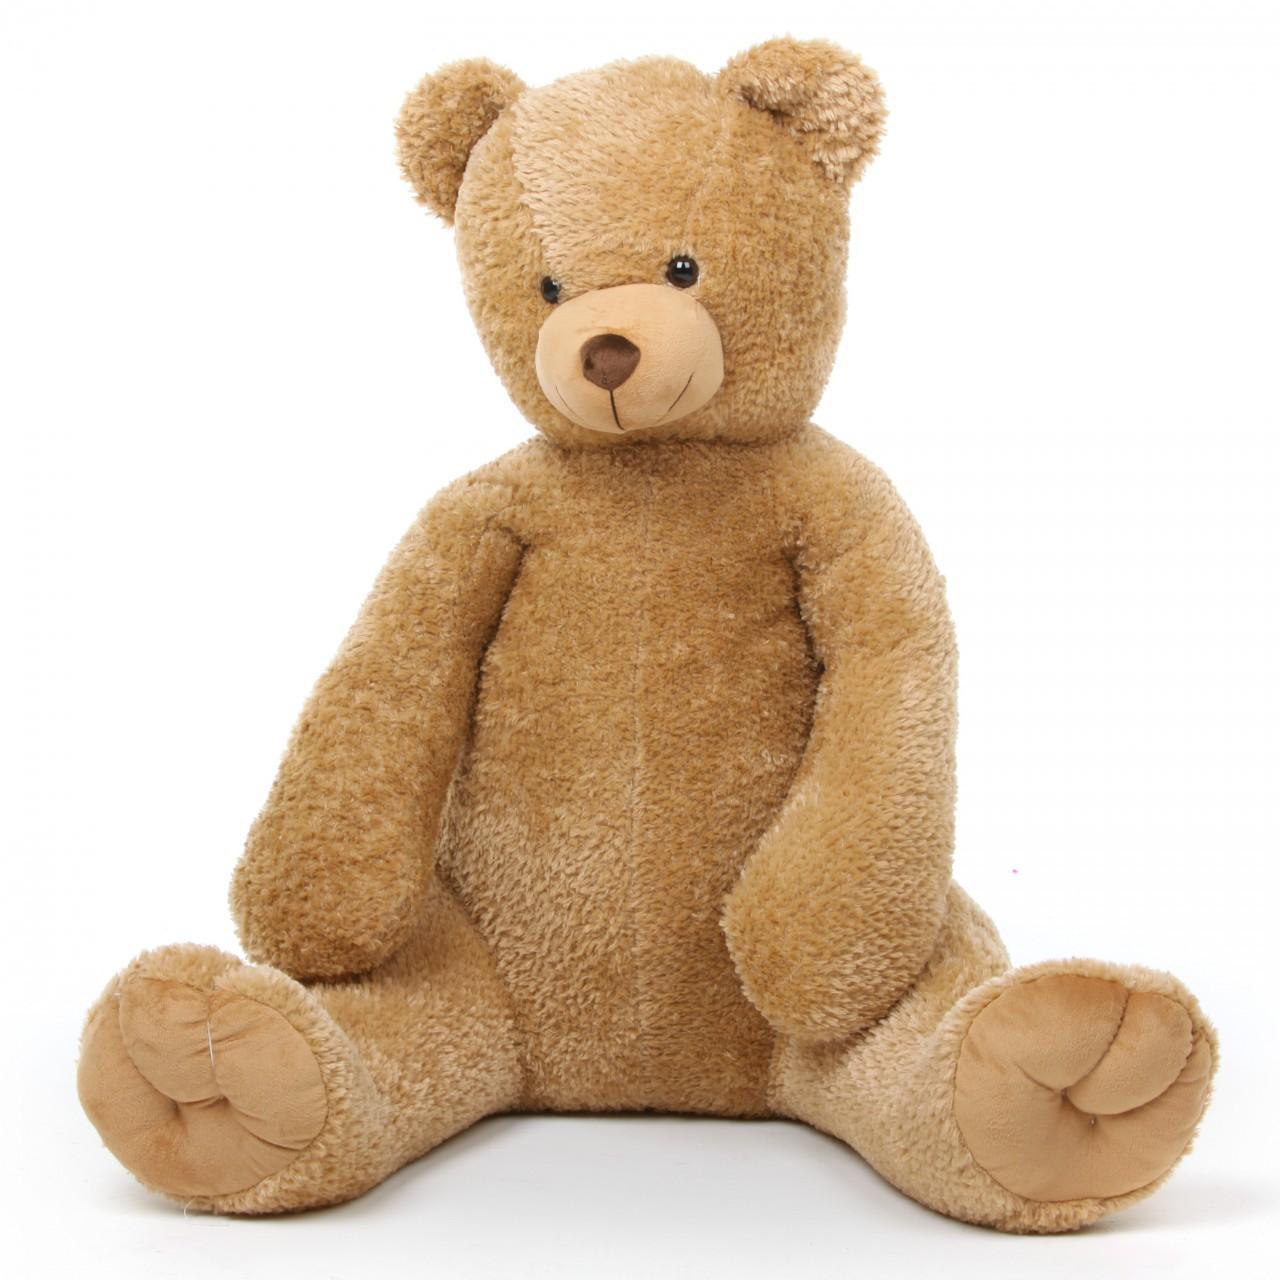 cc22a0600da Teddy bear · Teddy bear Meme Template